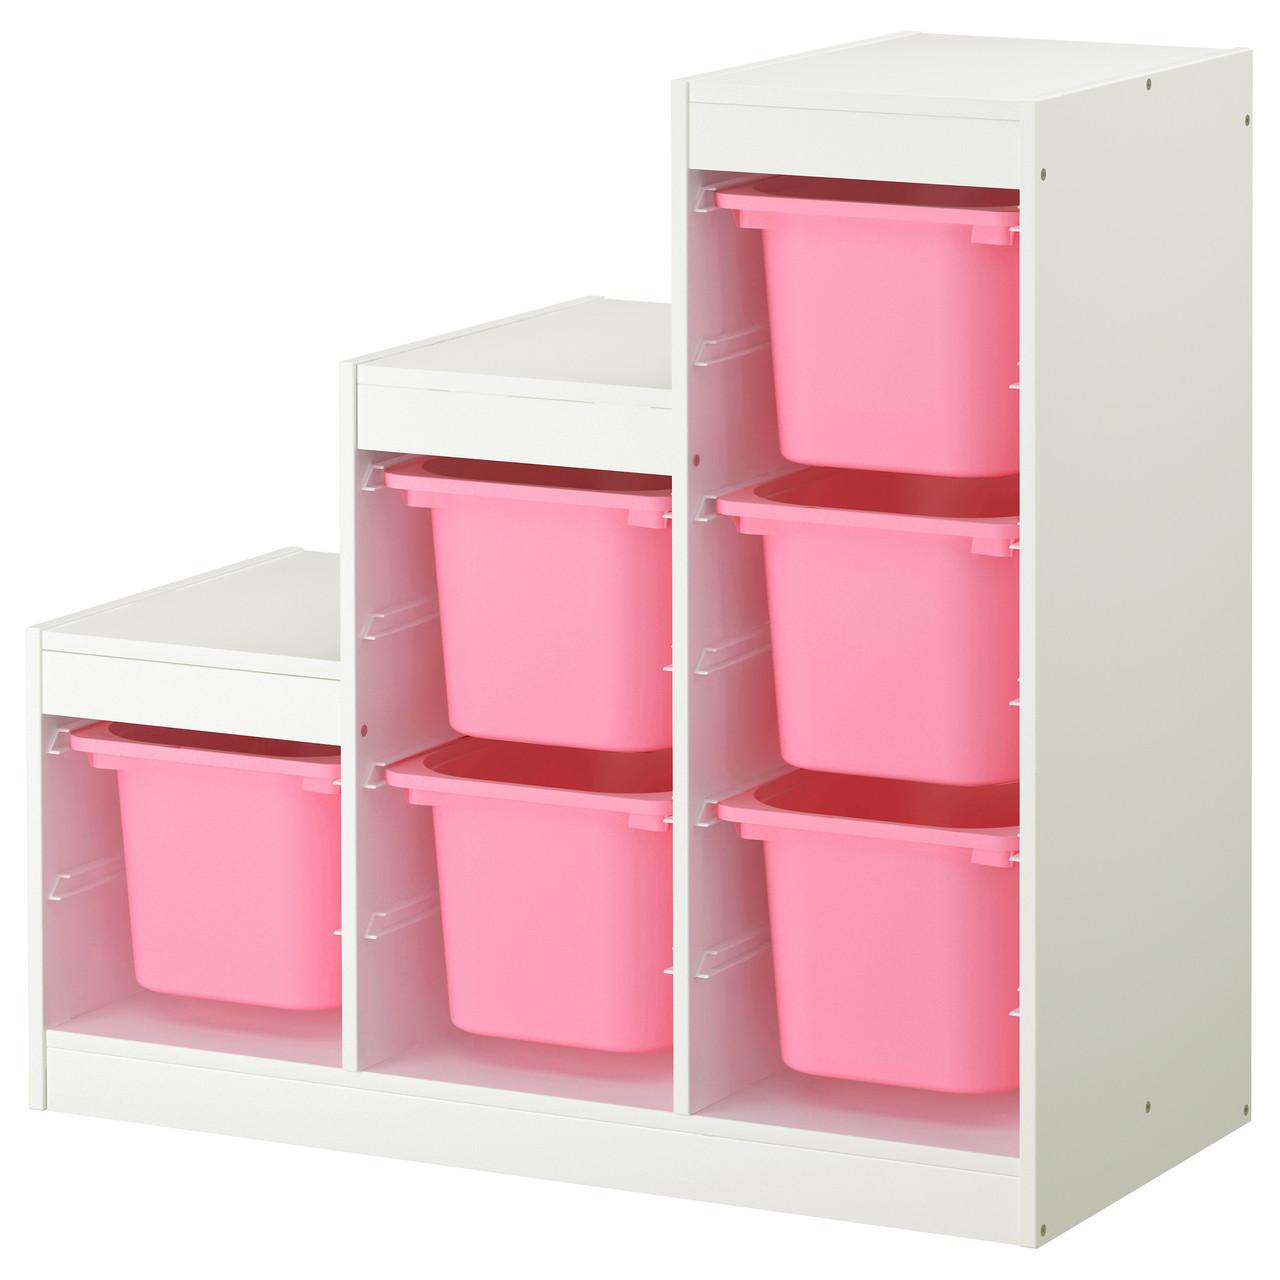 стеллаж белый розовый Ikea Trofast цена 2 882 грн купить в